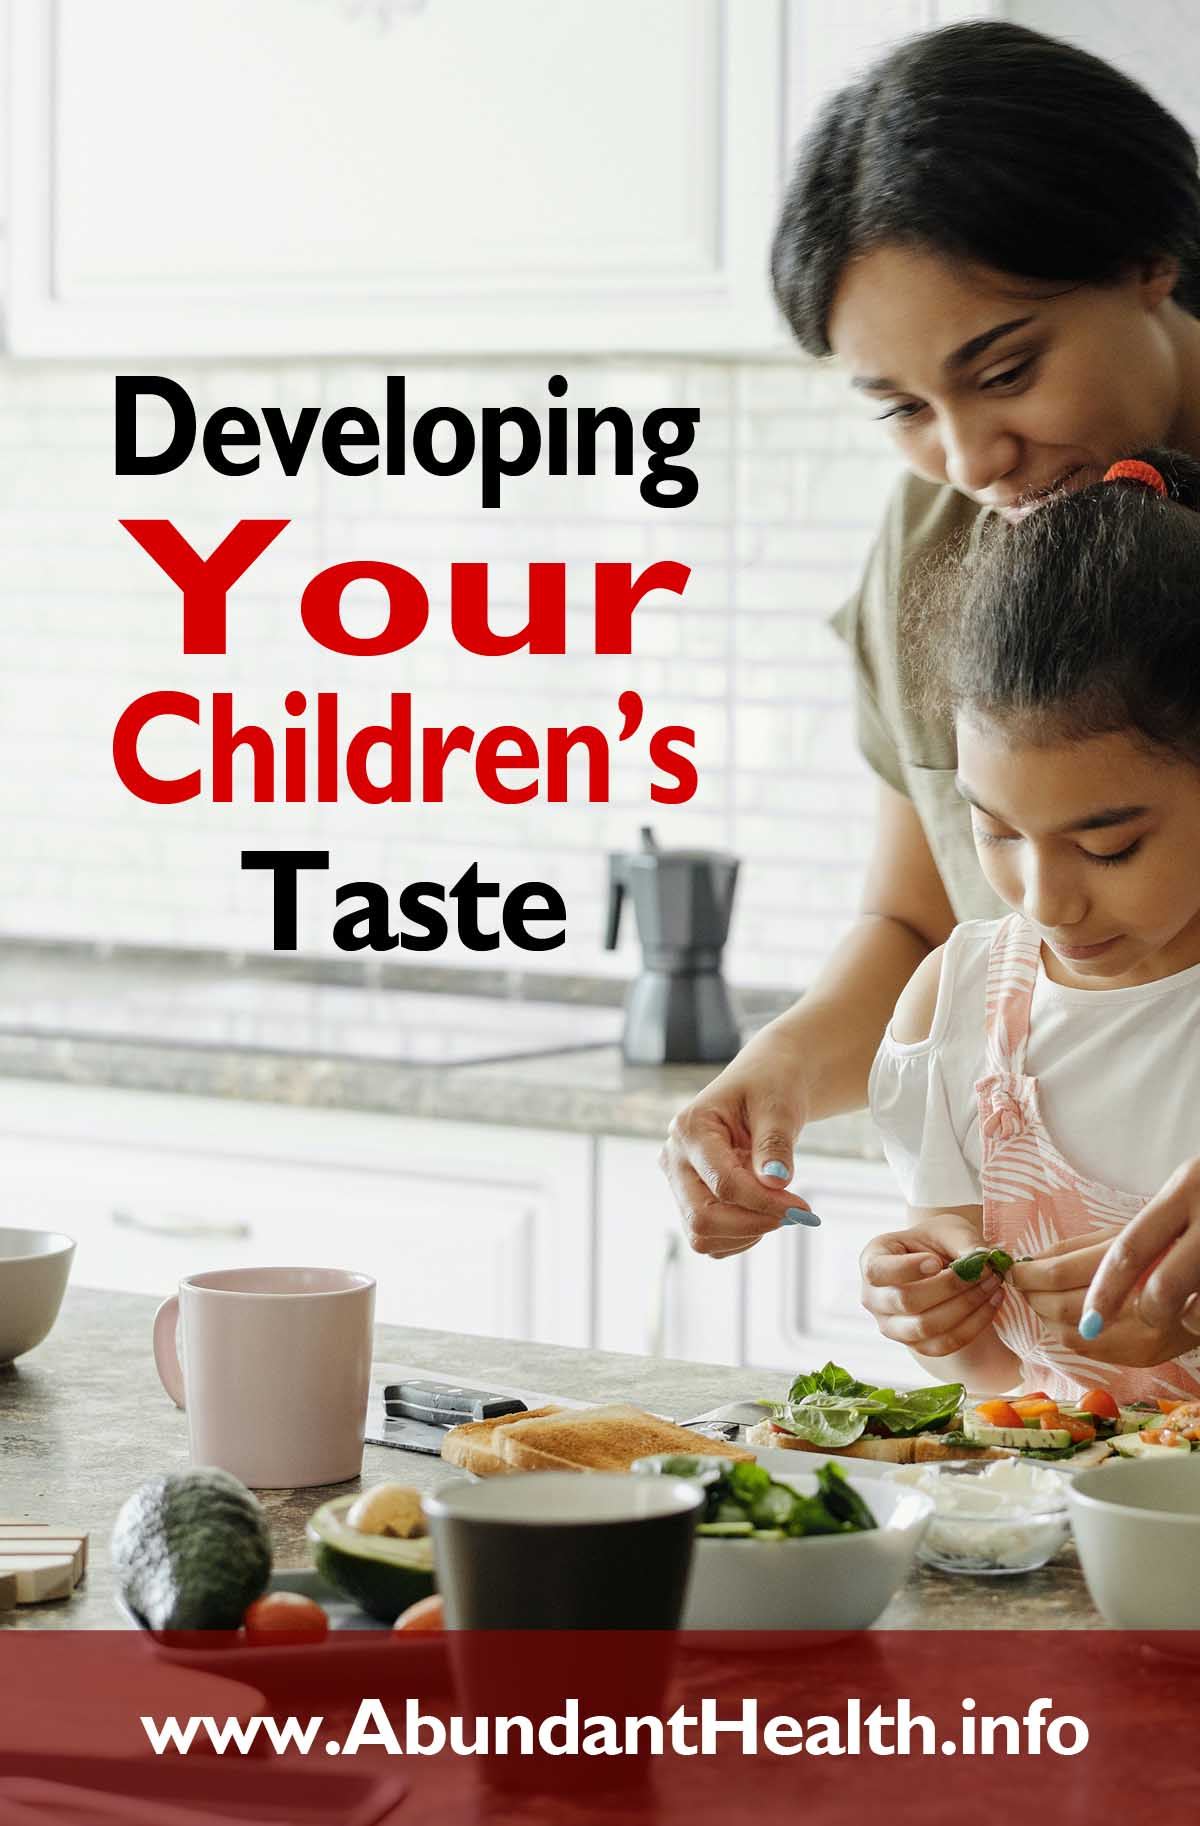 Developing Your Children's Taste